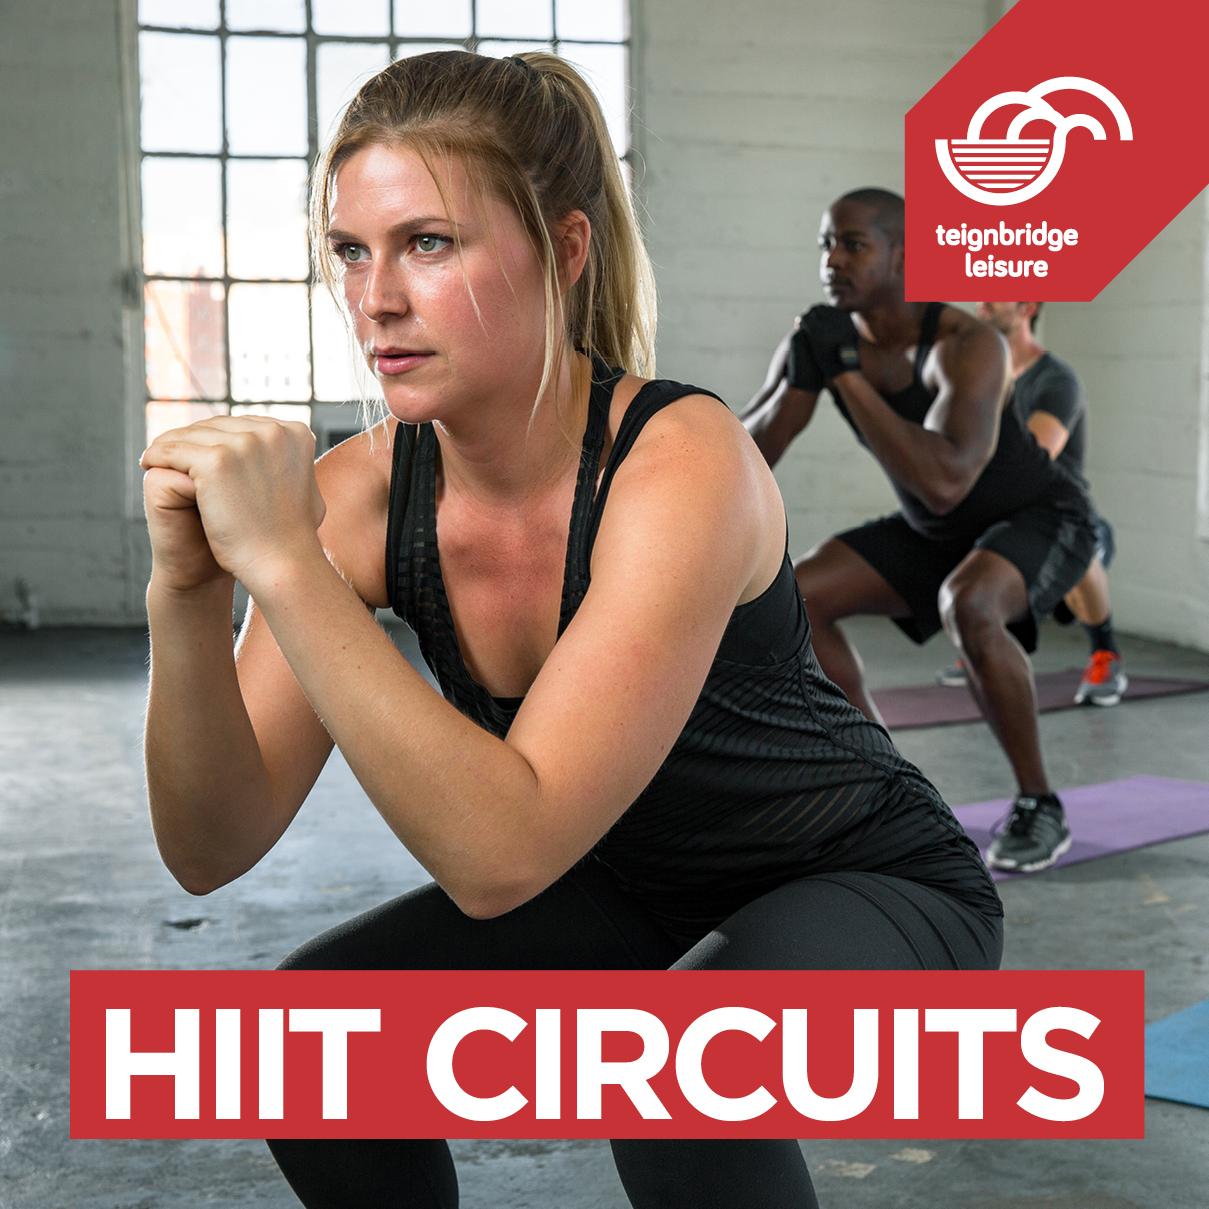 HIIT Circuits